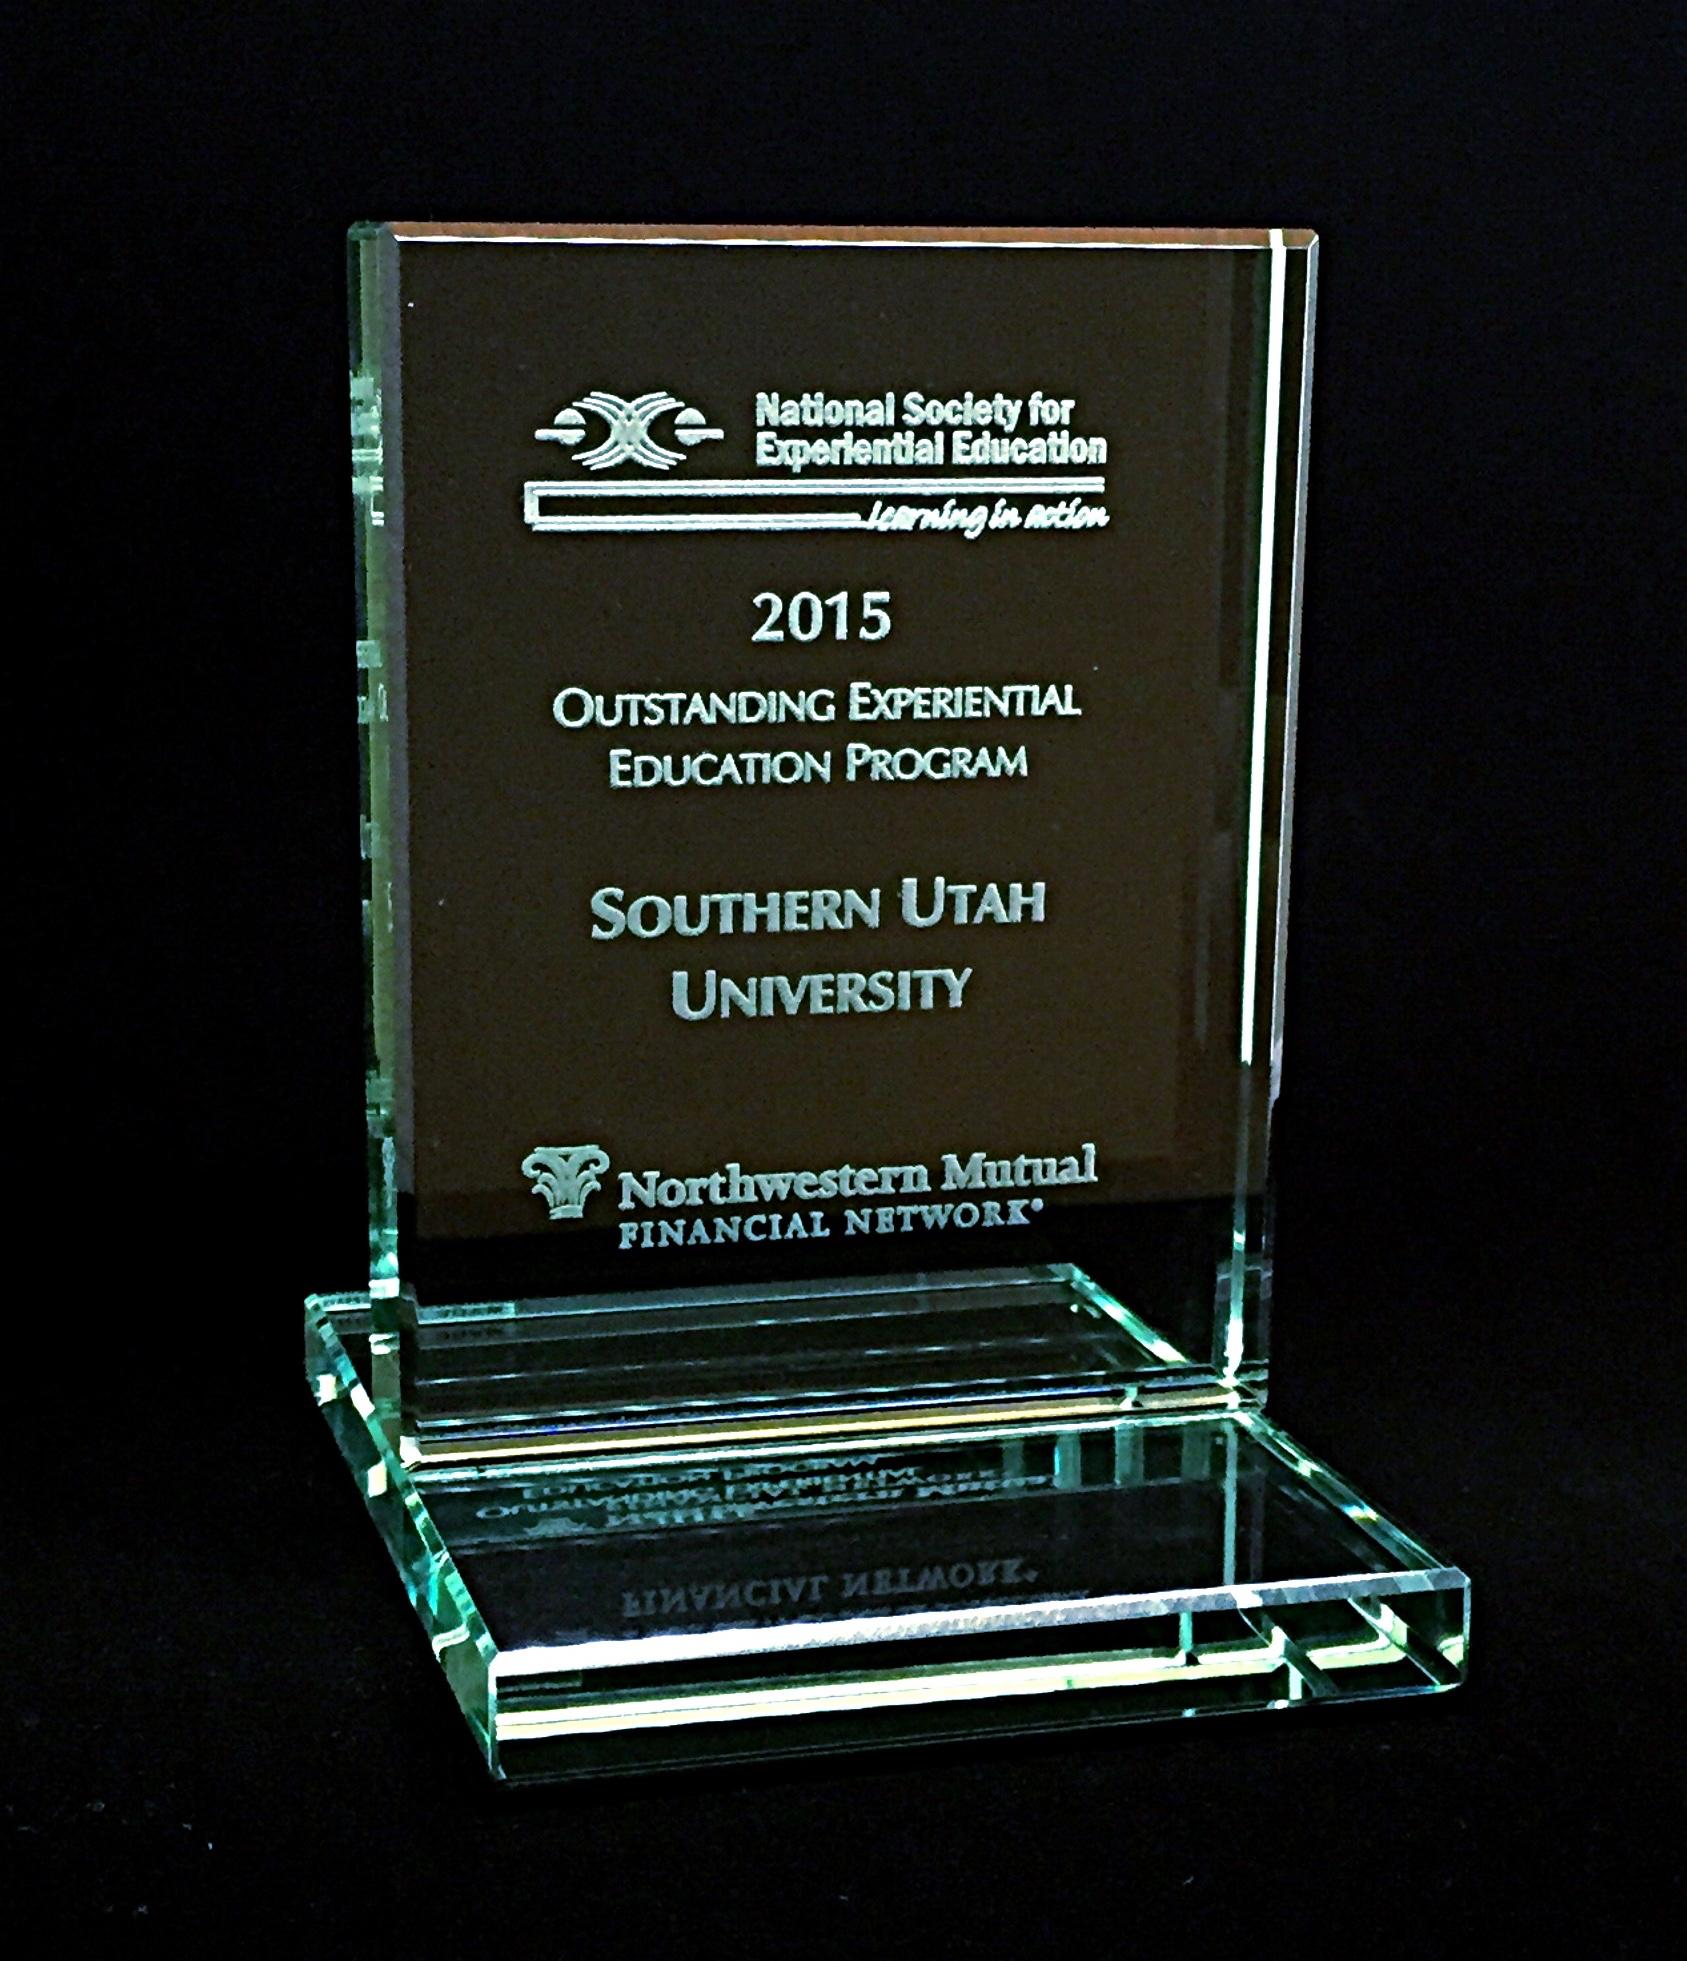 nsee_award.jpg